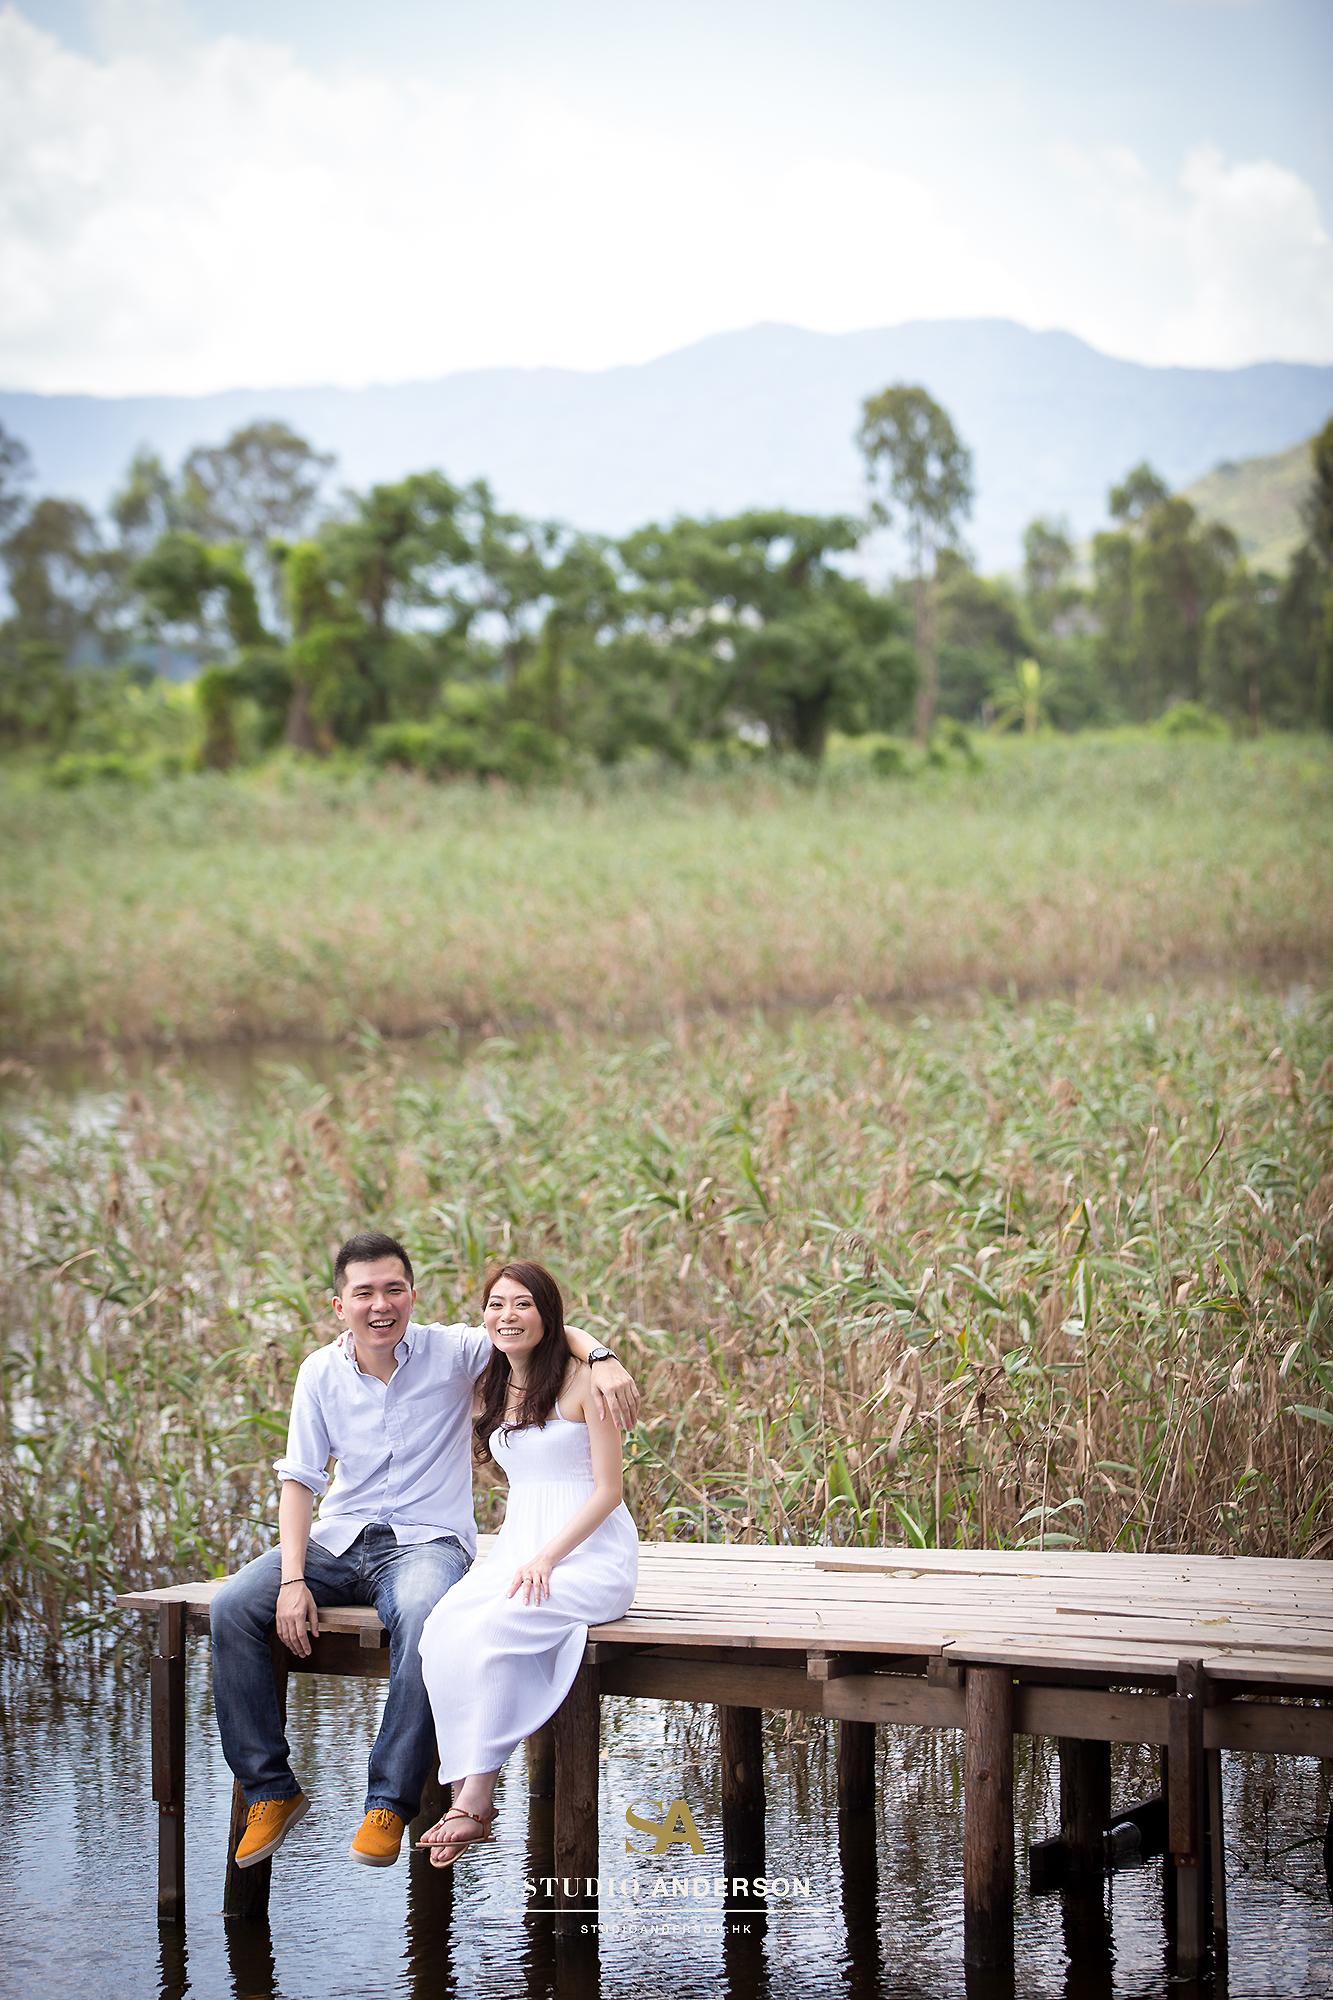 011 - Jay and Hang engagement (Watermark).jpg